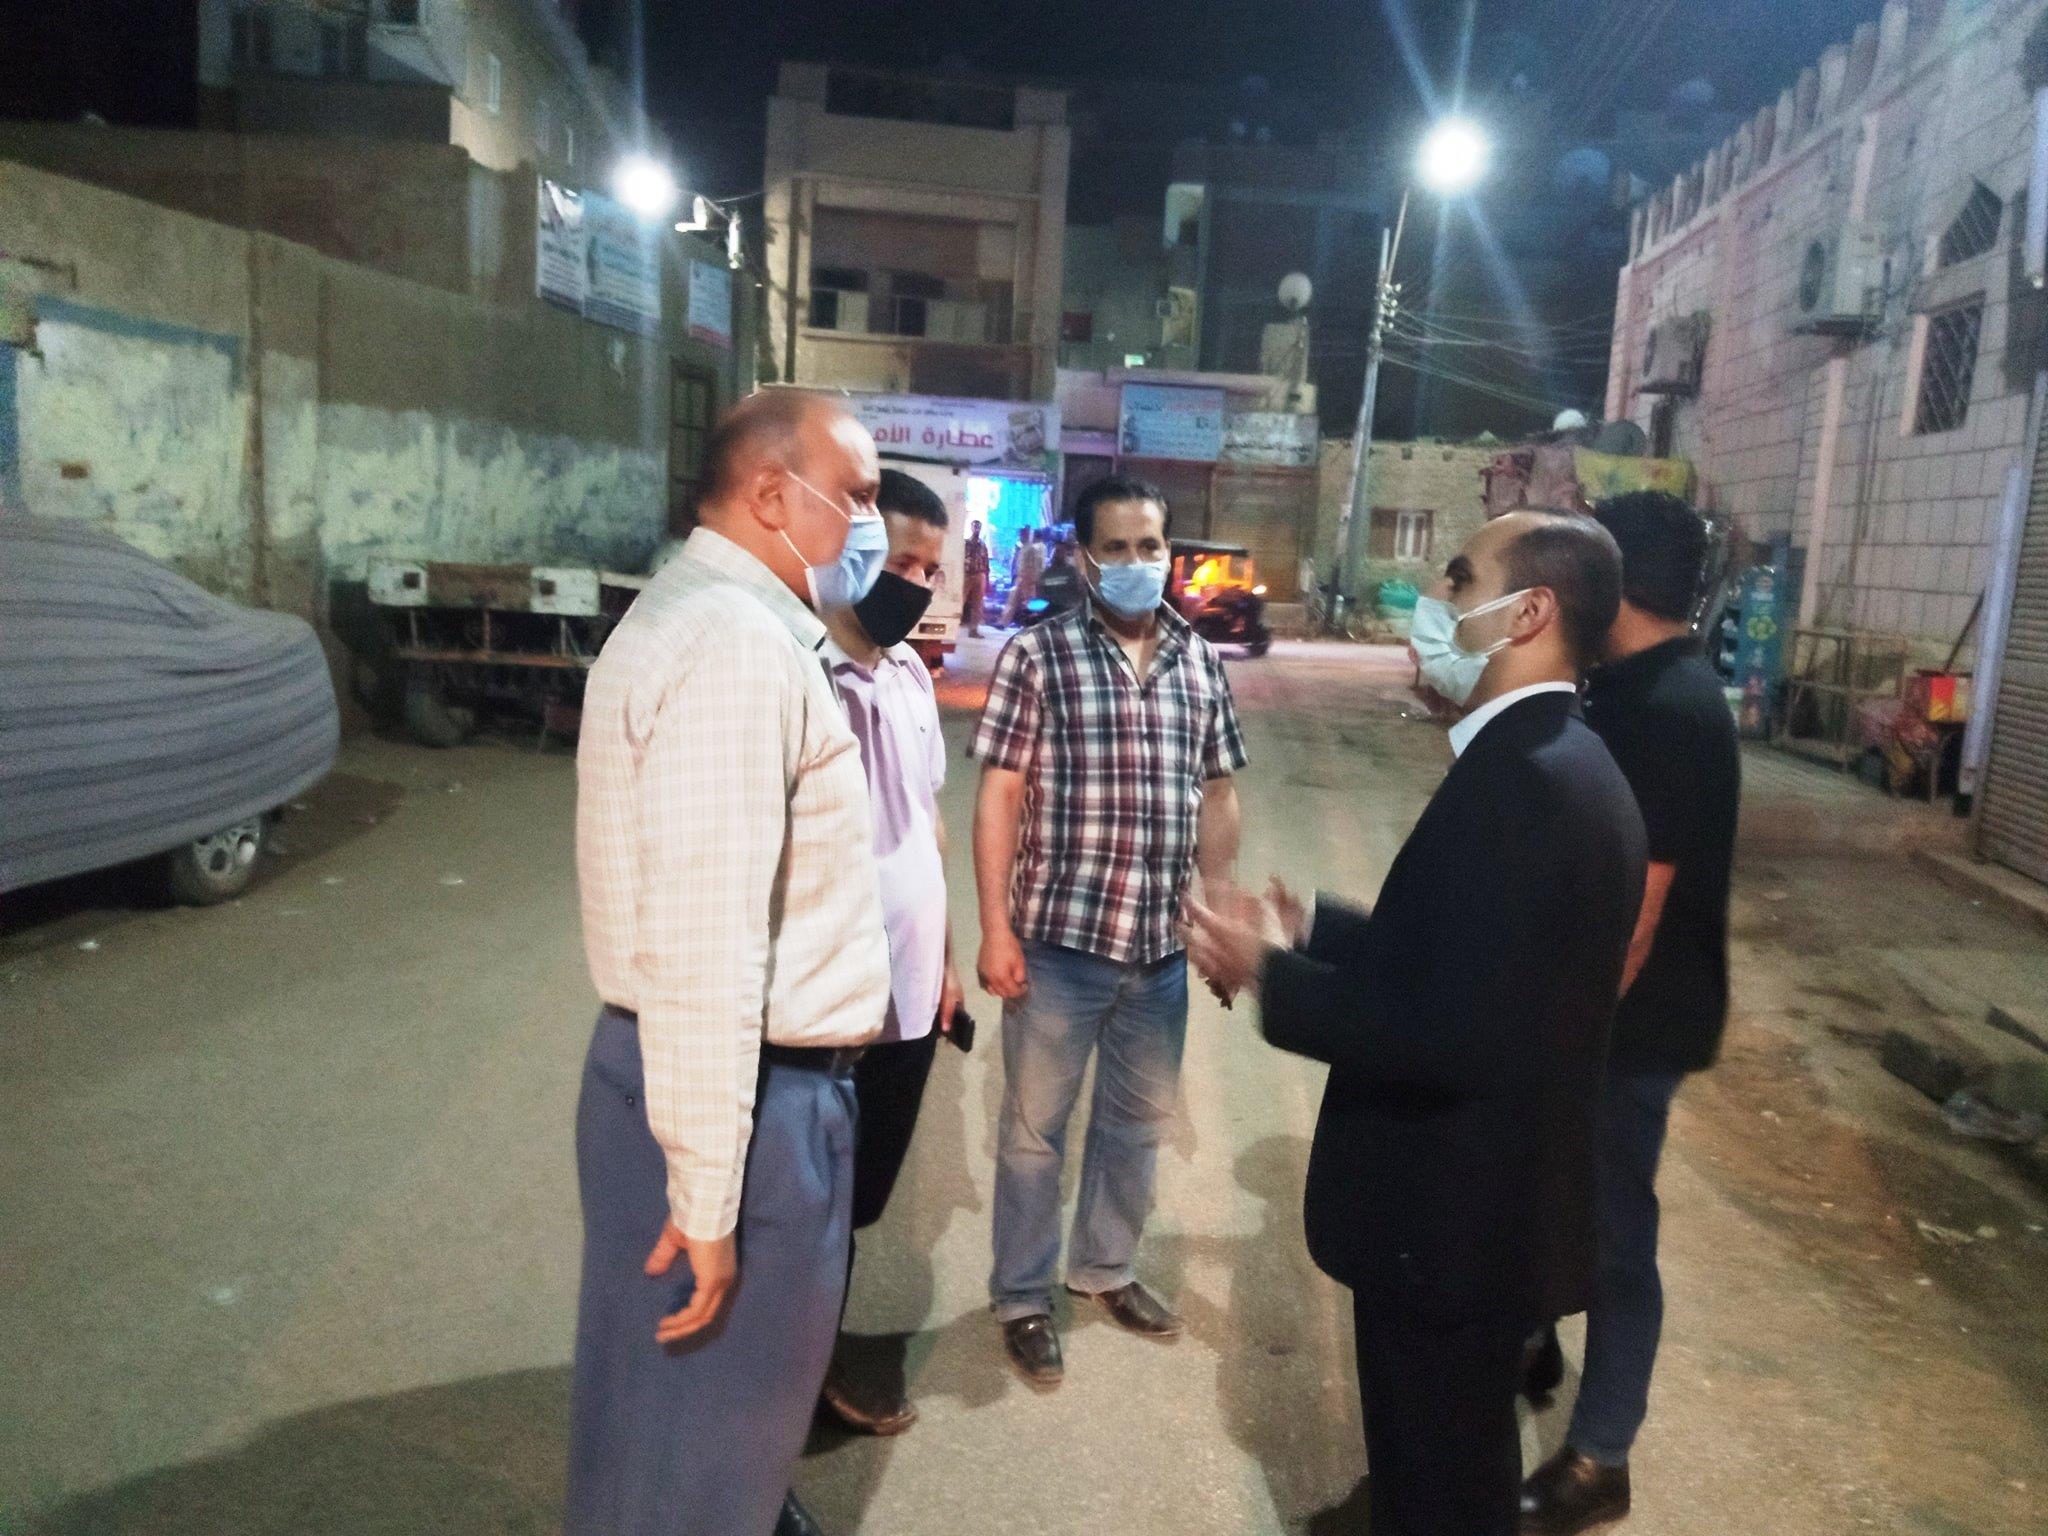 نائب محافظ سوهاج يتابع تنفيذ قرارات اللجنة العليا لإدارة أزمة فيروس كورونا بمدينة المراغة